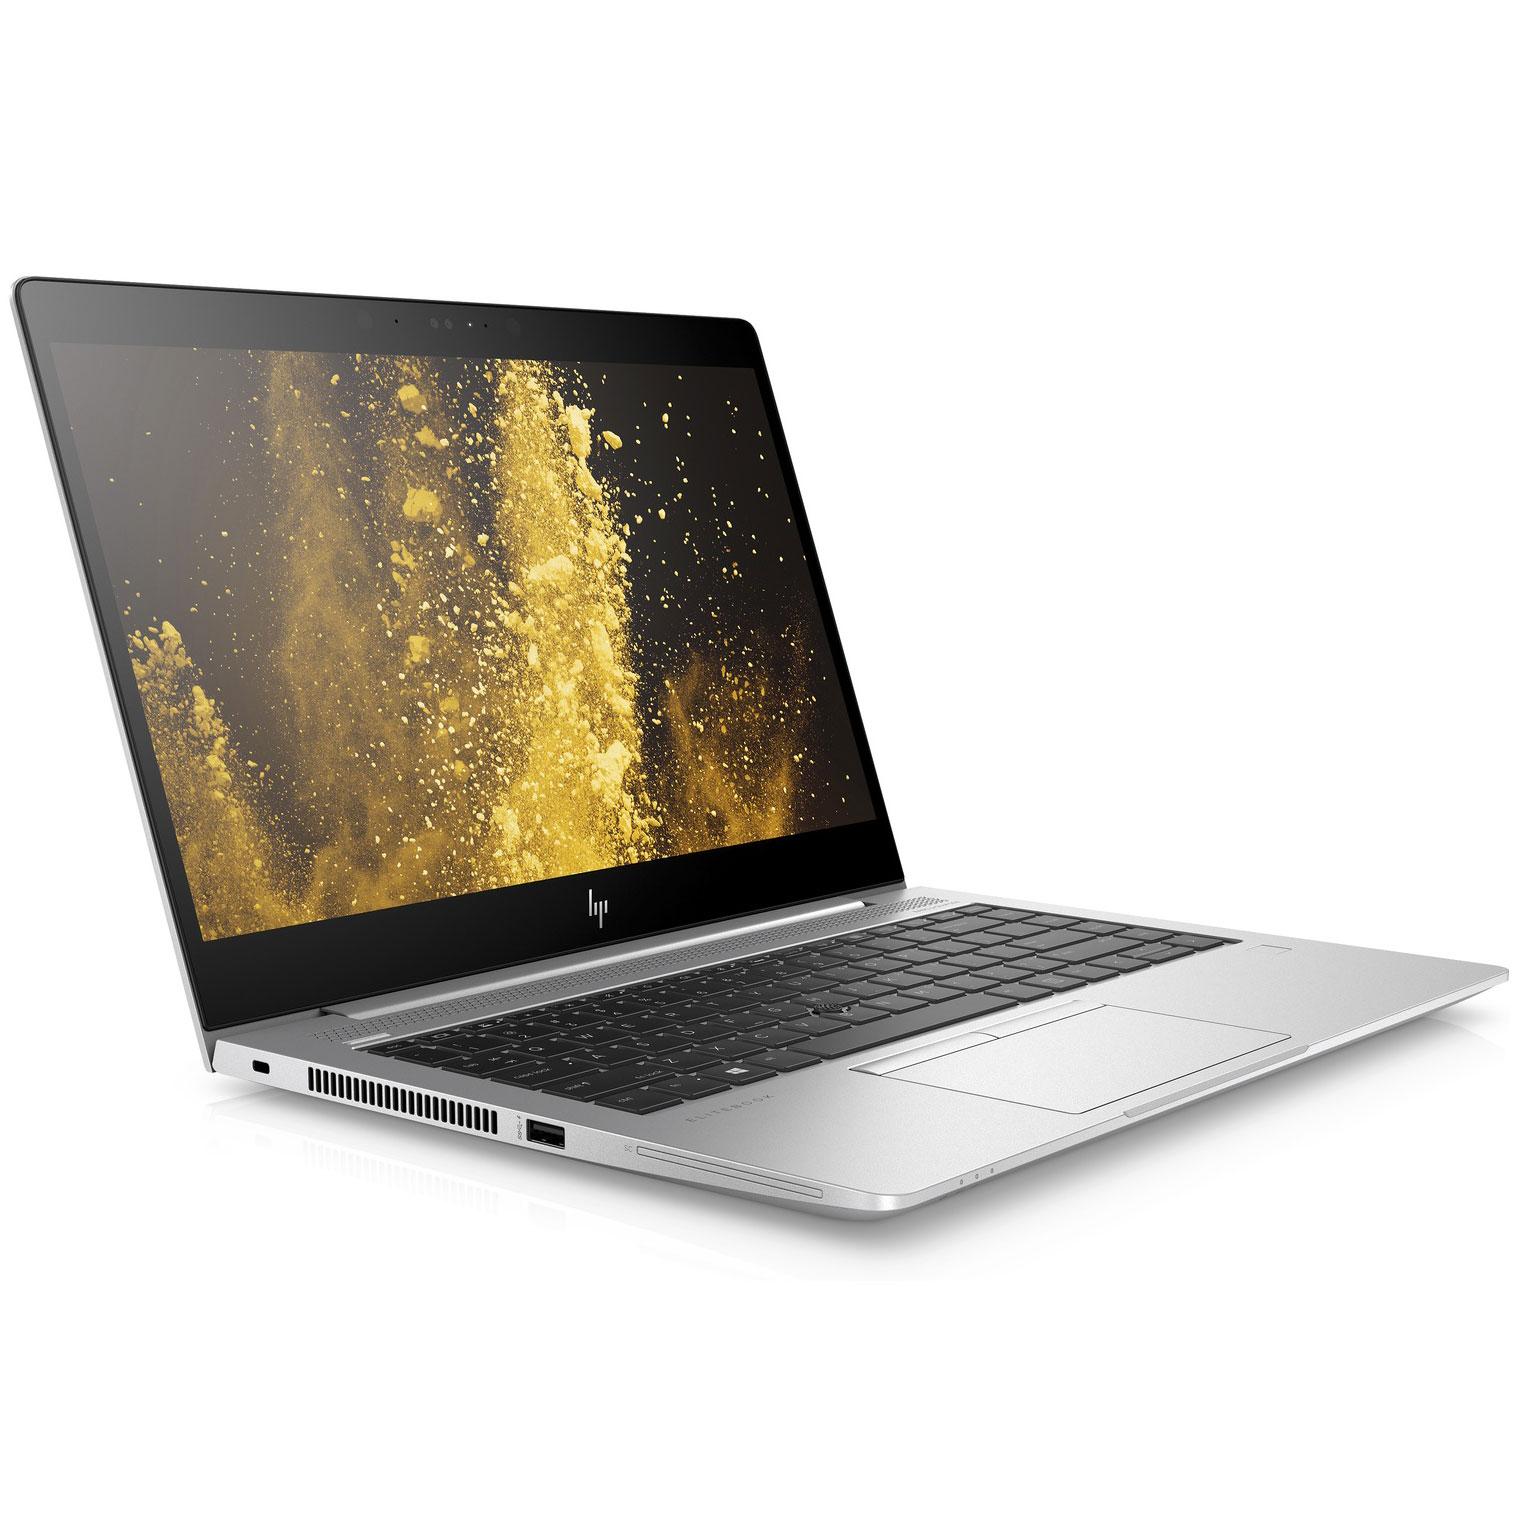 PC portable HP EliteBook 840 G5 (3JX29EA) Intel Core i5-8250U 8 Go c963df185c10